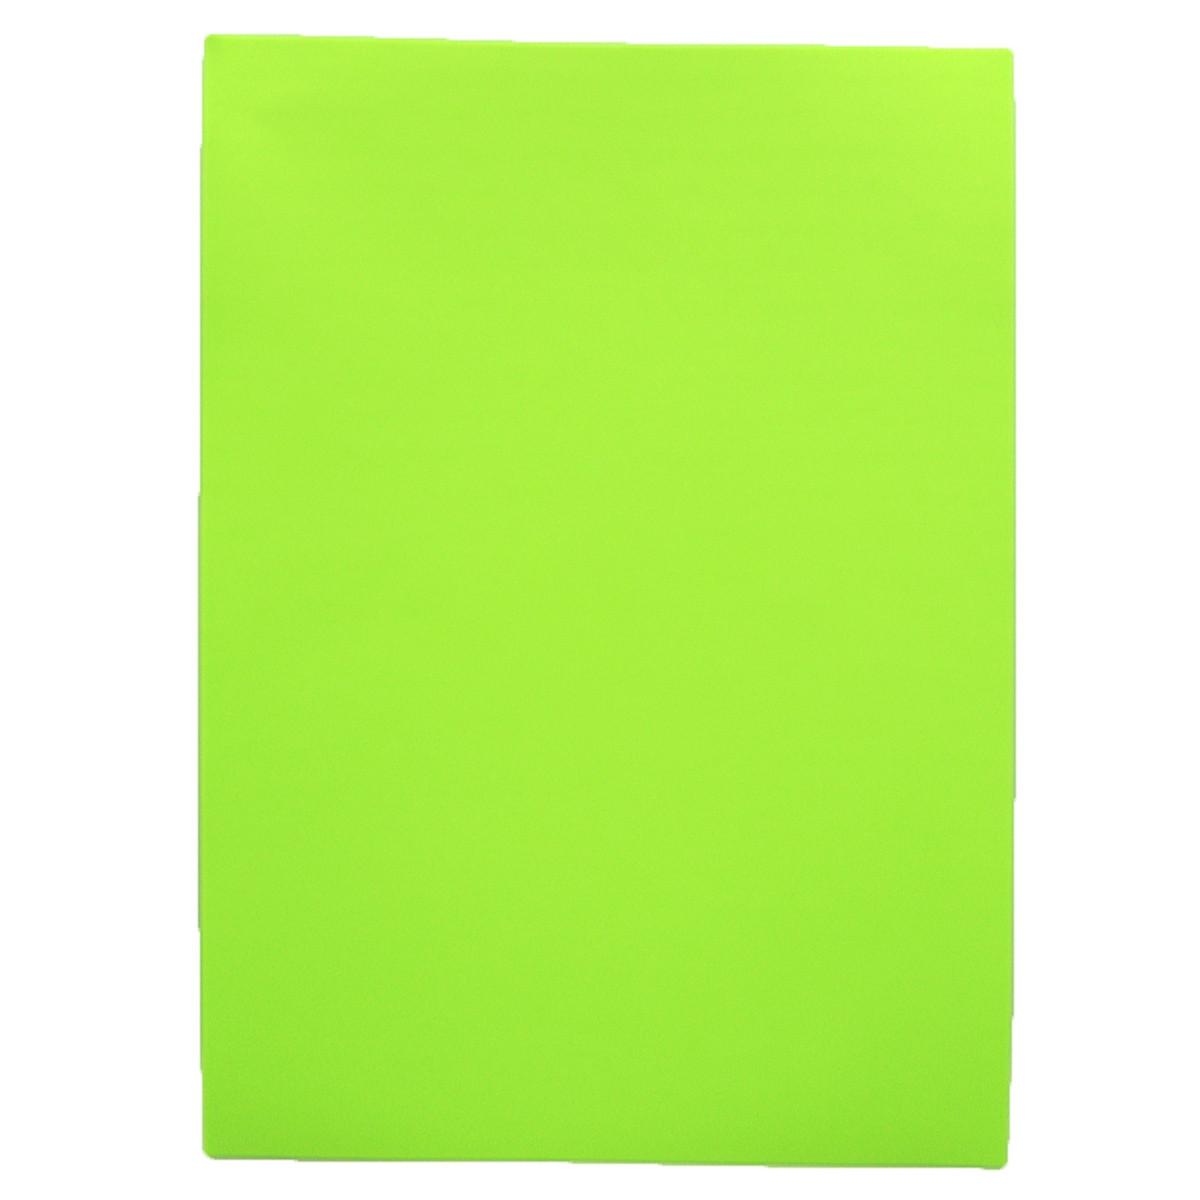 """Фоамиран A4 """"Светло-зеленый"""", толщ. 1,5мм, 10 лист./п. с клеем"""